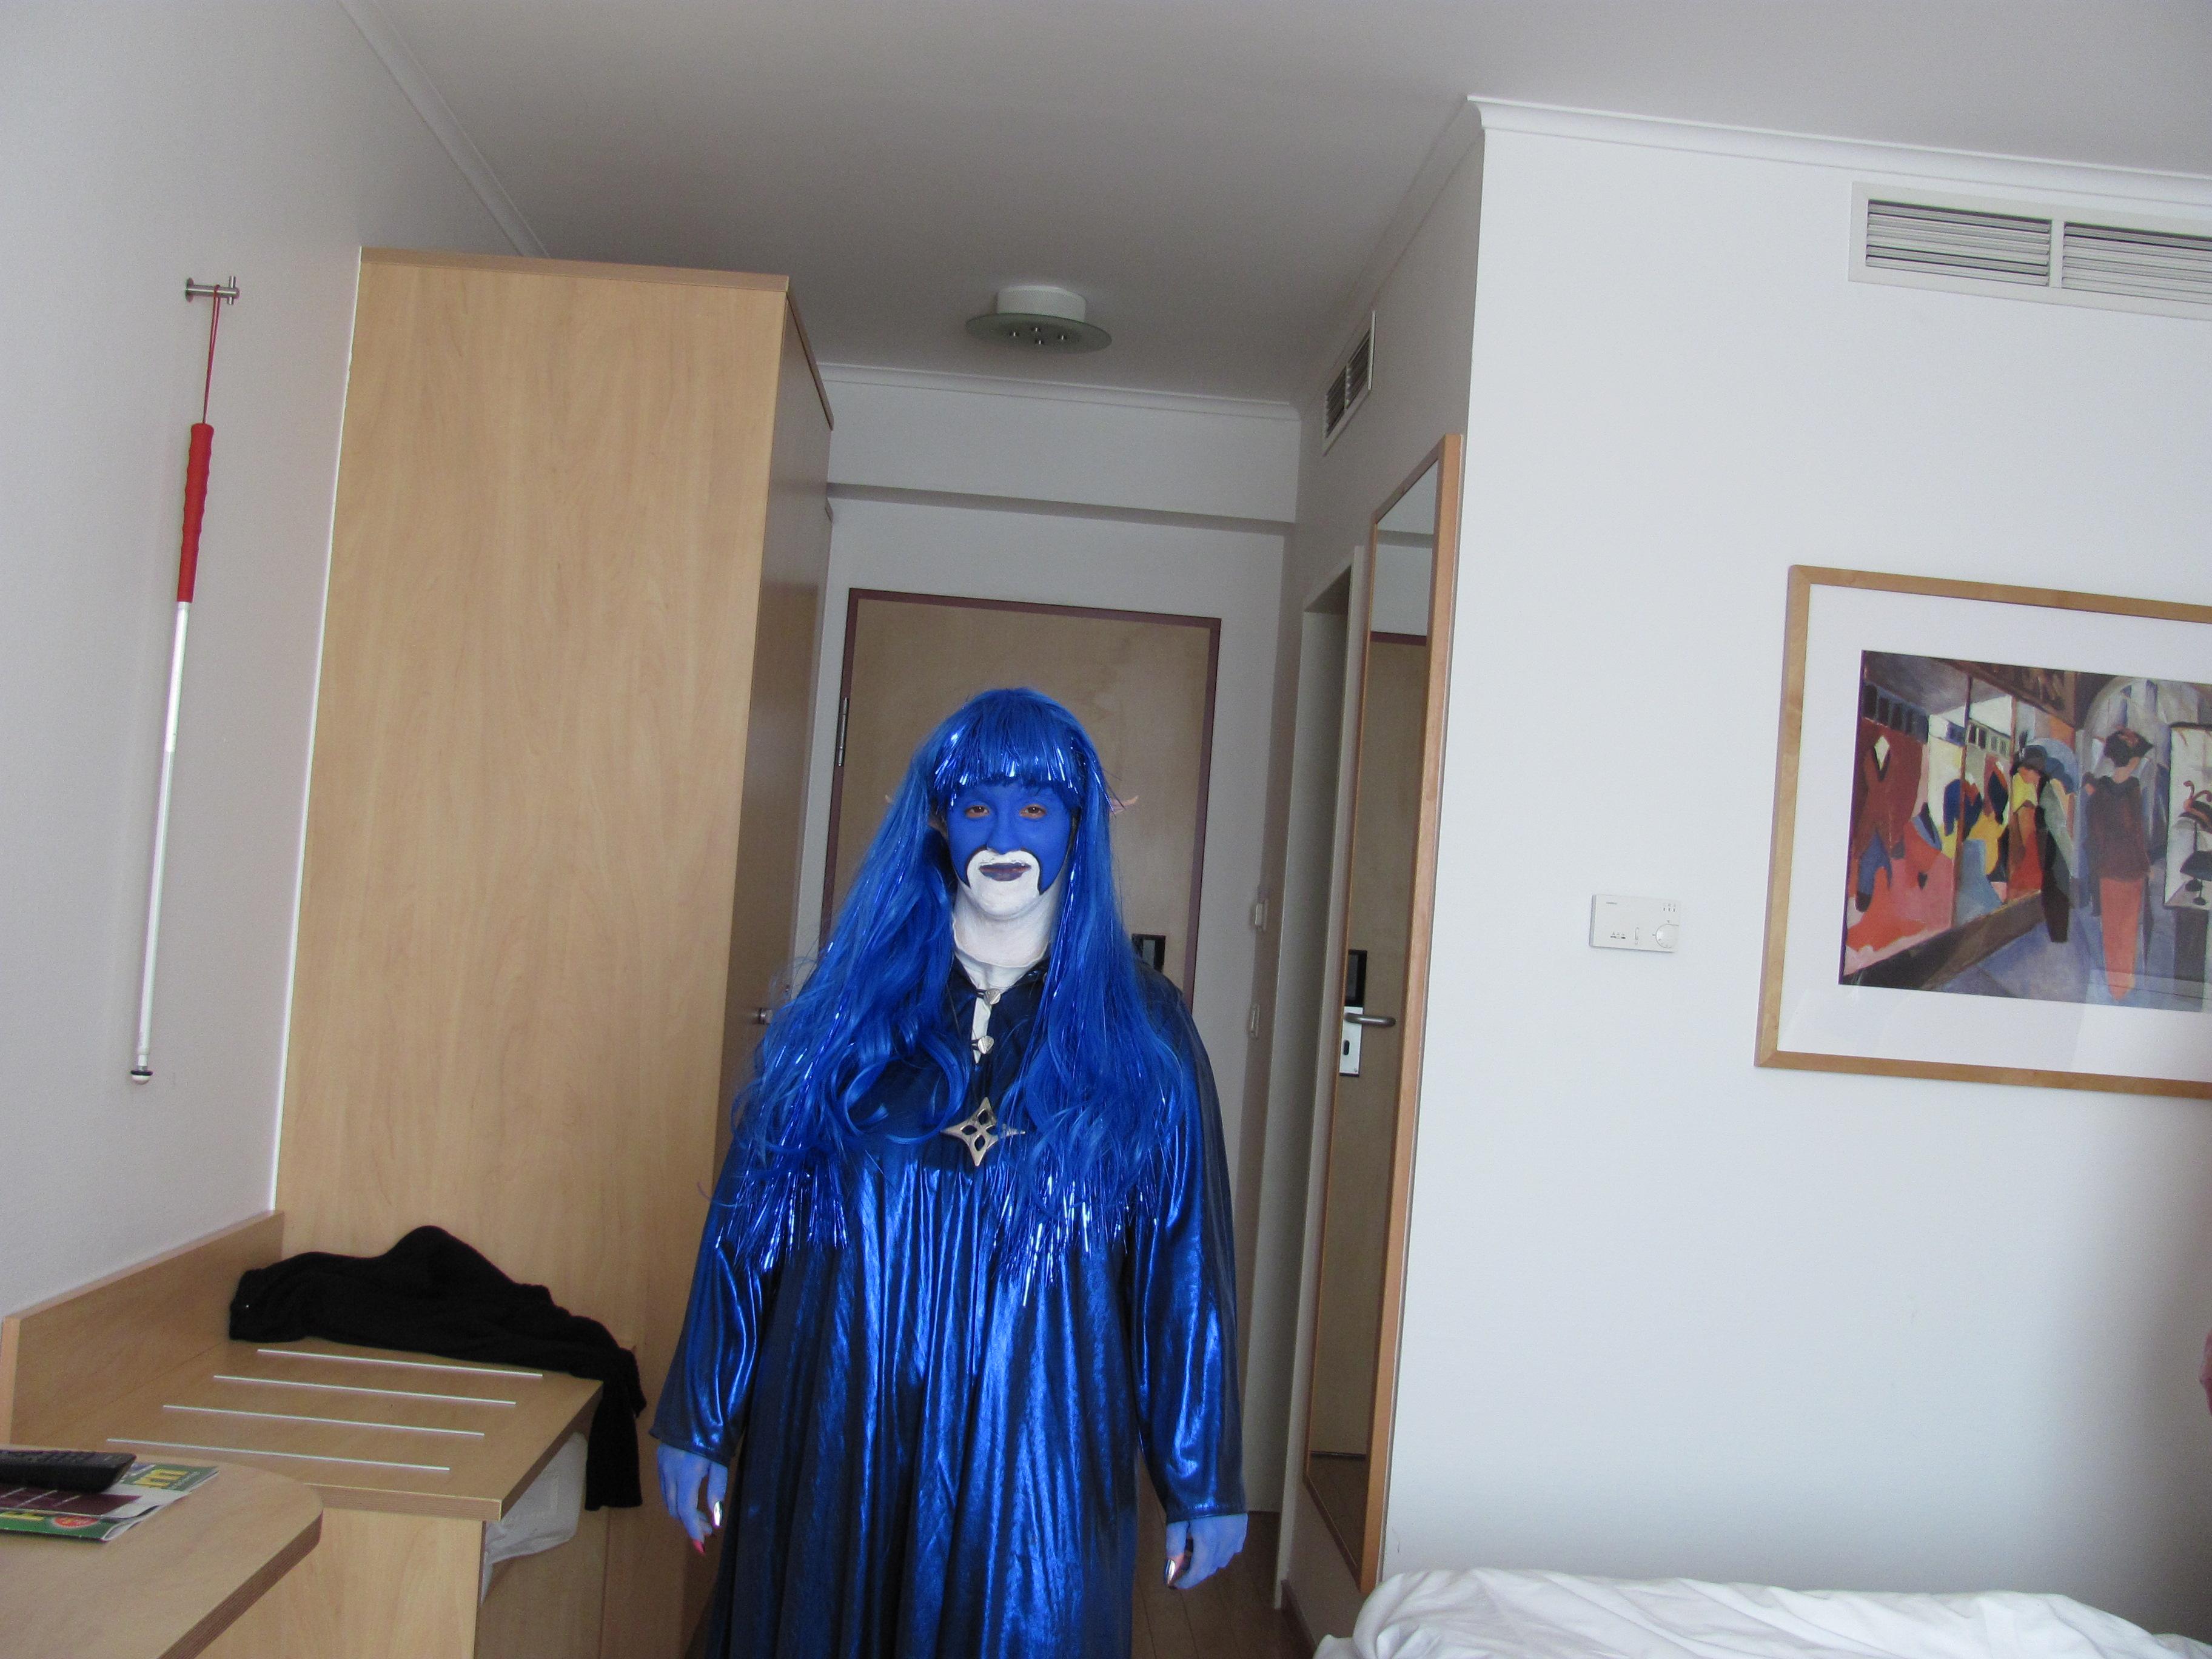 Azur ist ein blaues Alien mit blauen Haaren und blauweißem Gesicht mit Spitzen Ohren